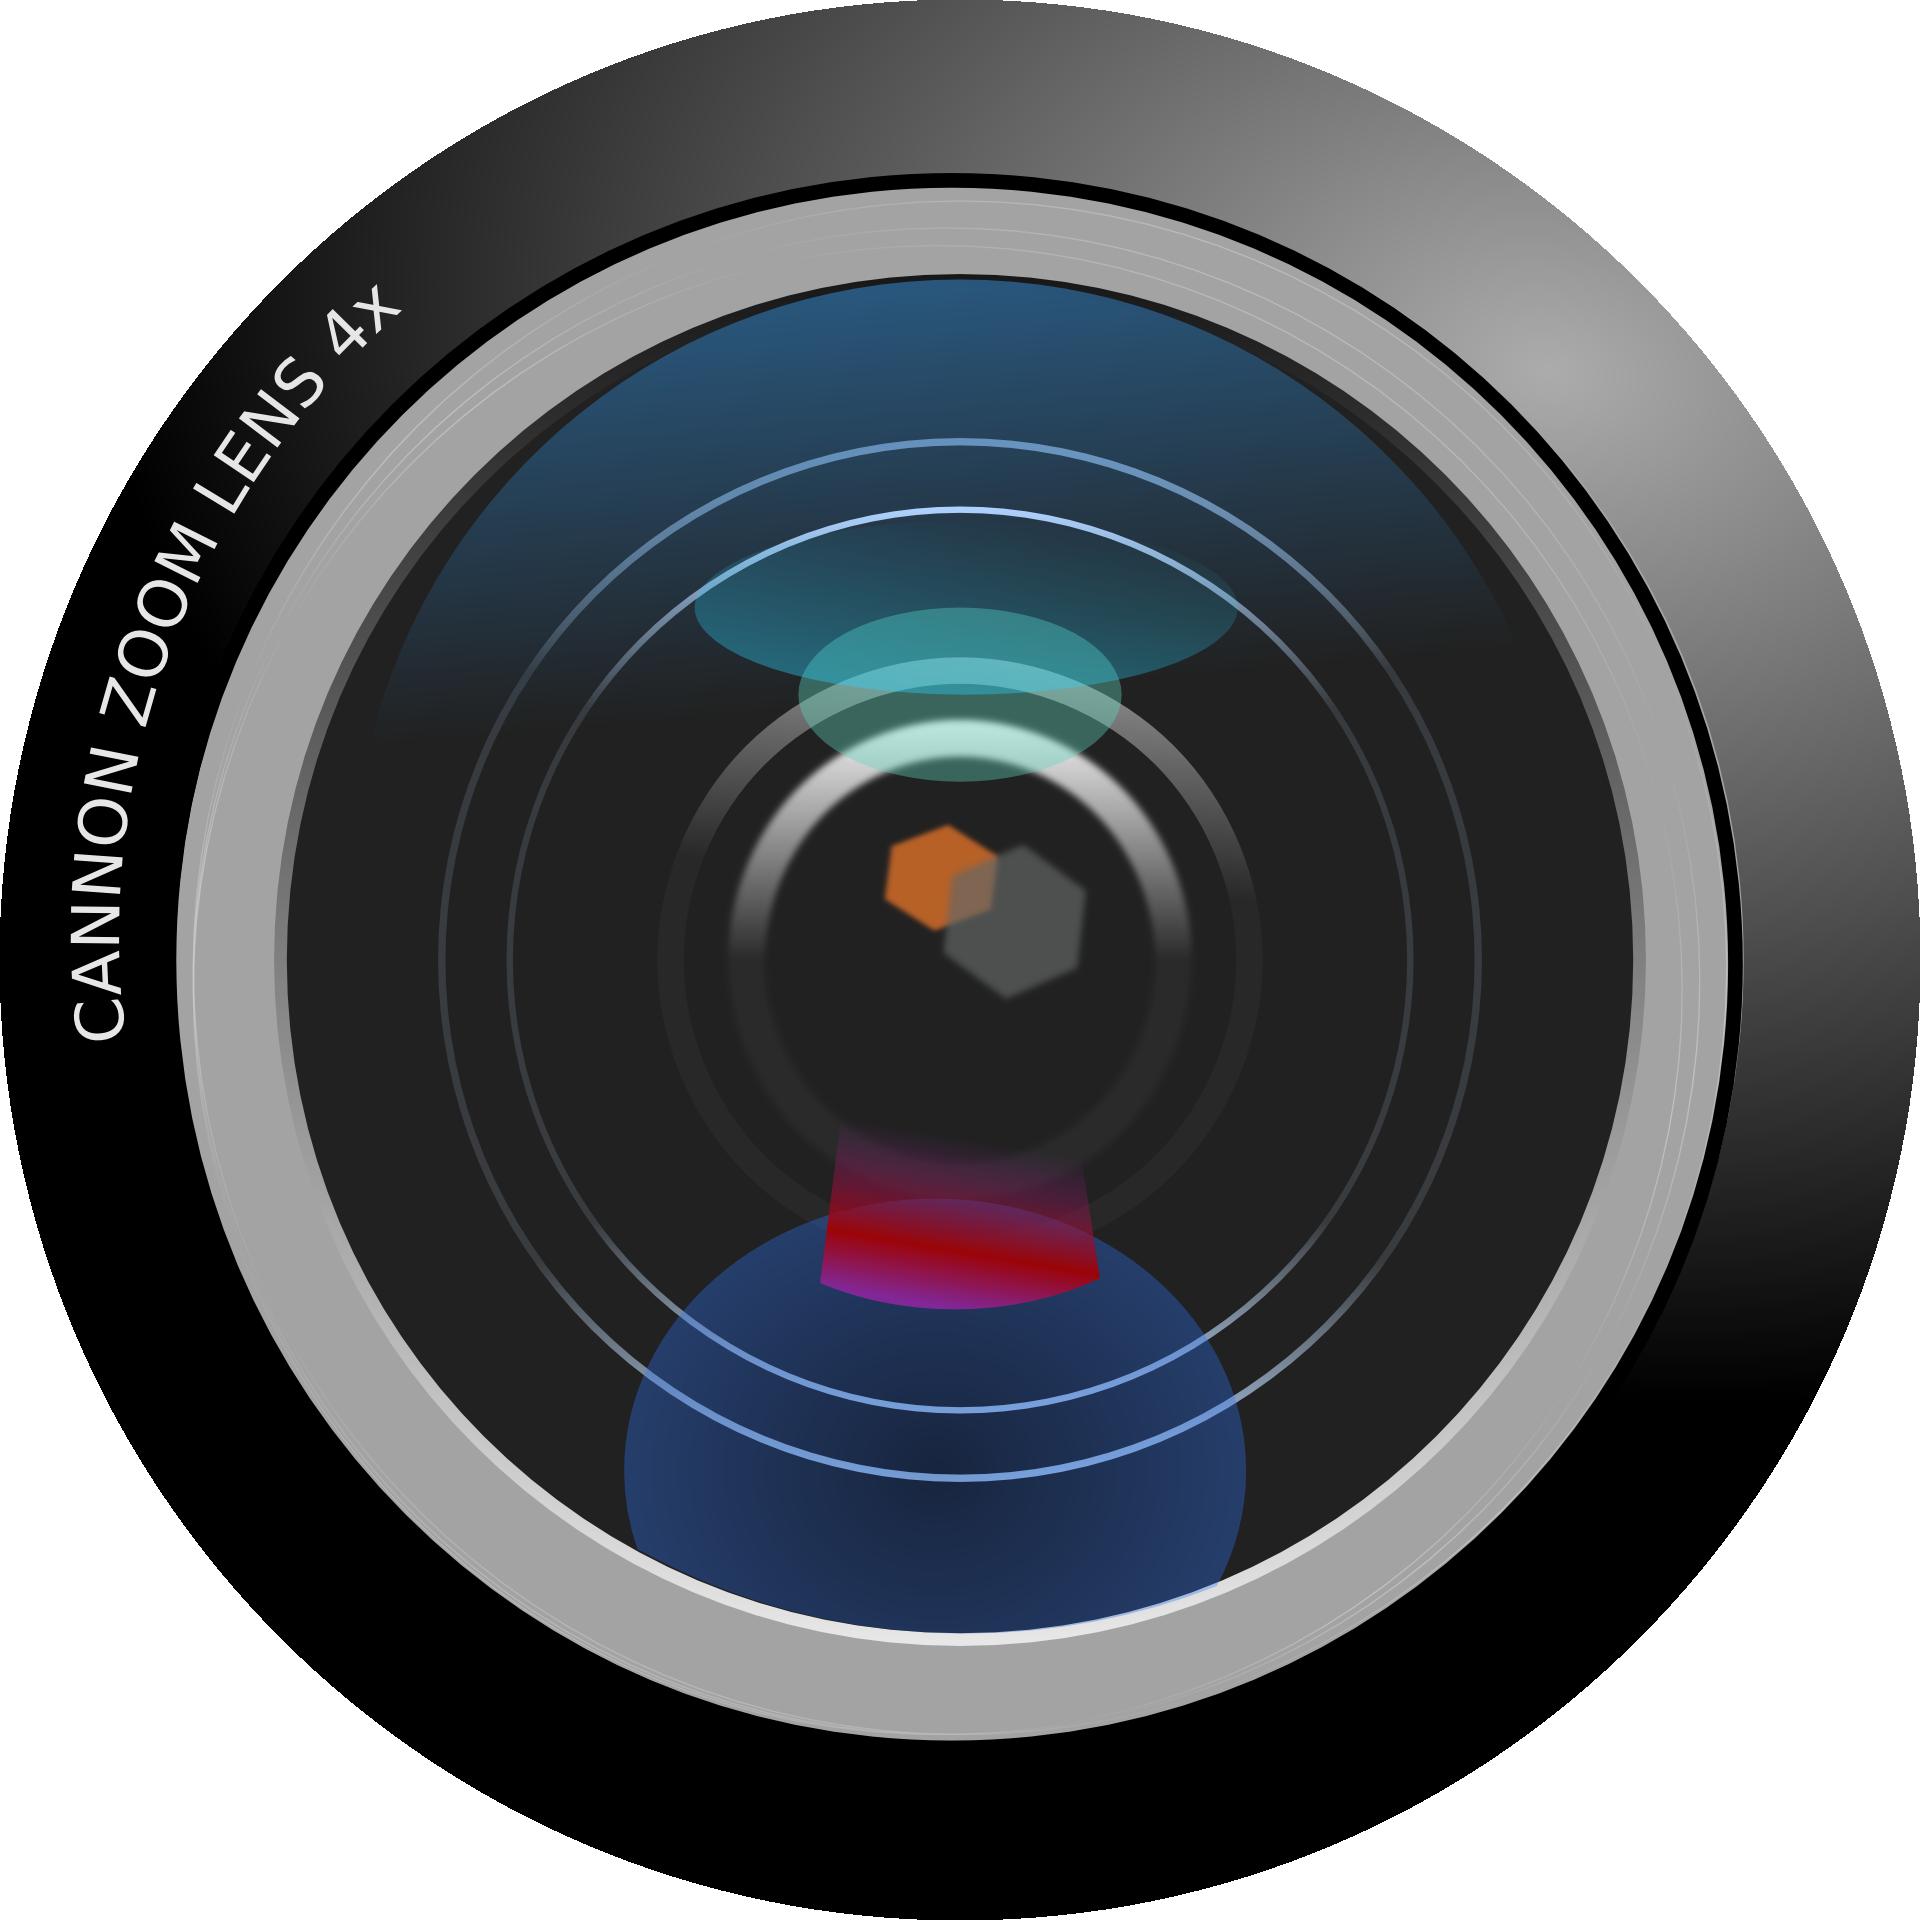 Best DSLR camera 2020